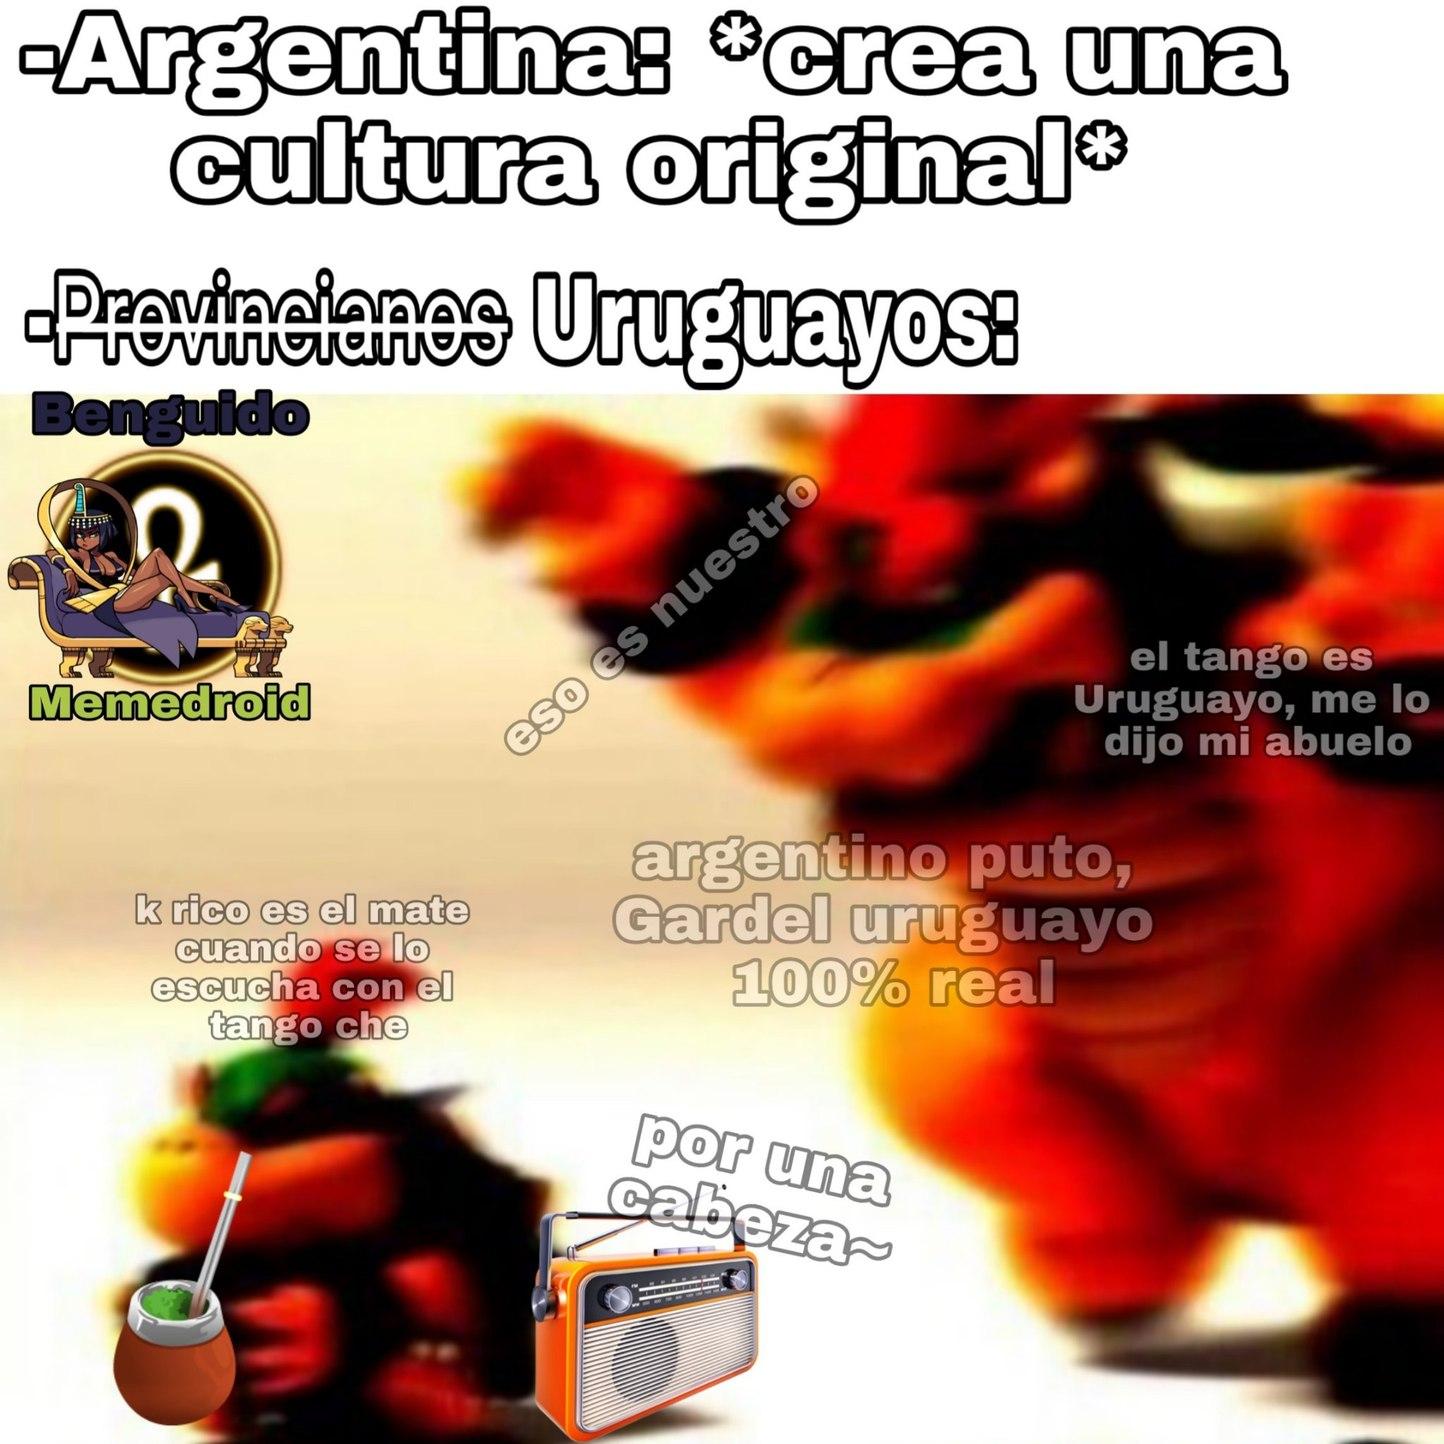 Los uruguayos ( nuestros hermanos) - meme